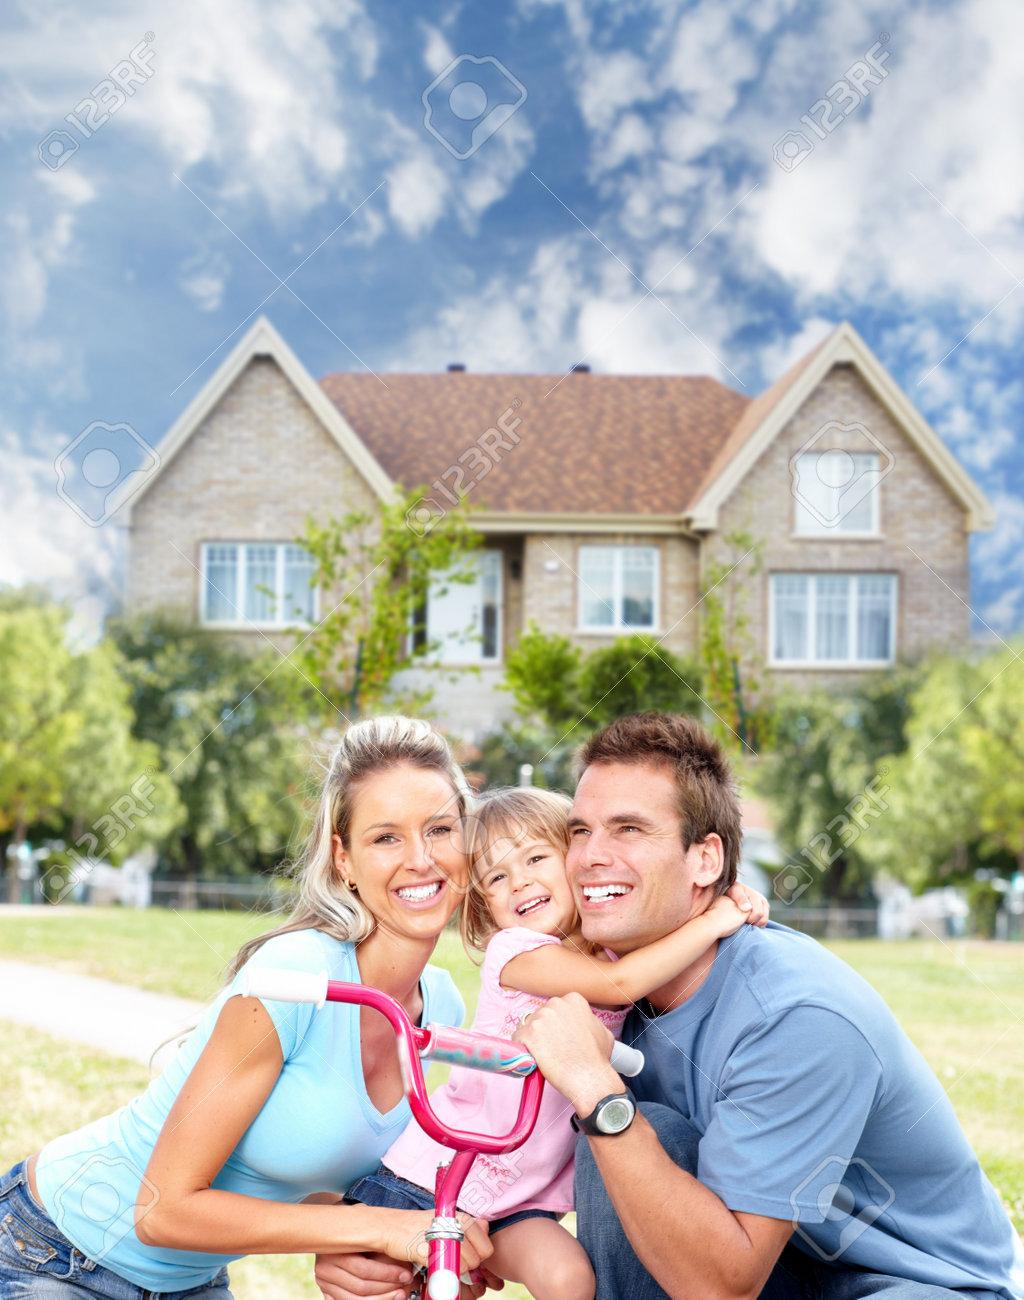 Happy family near new house - 14900505